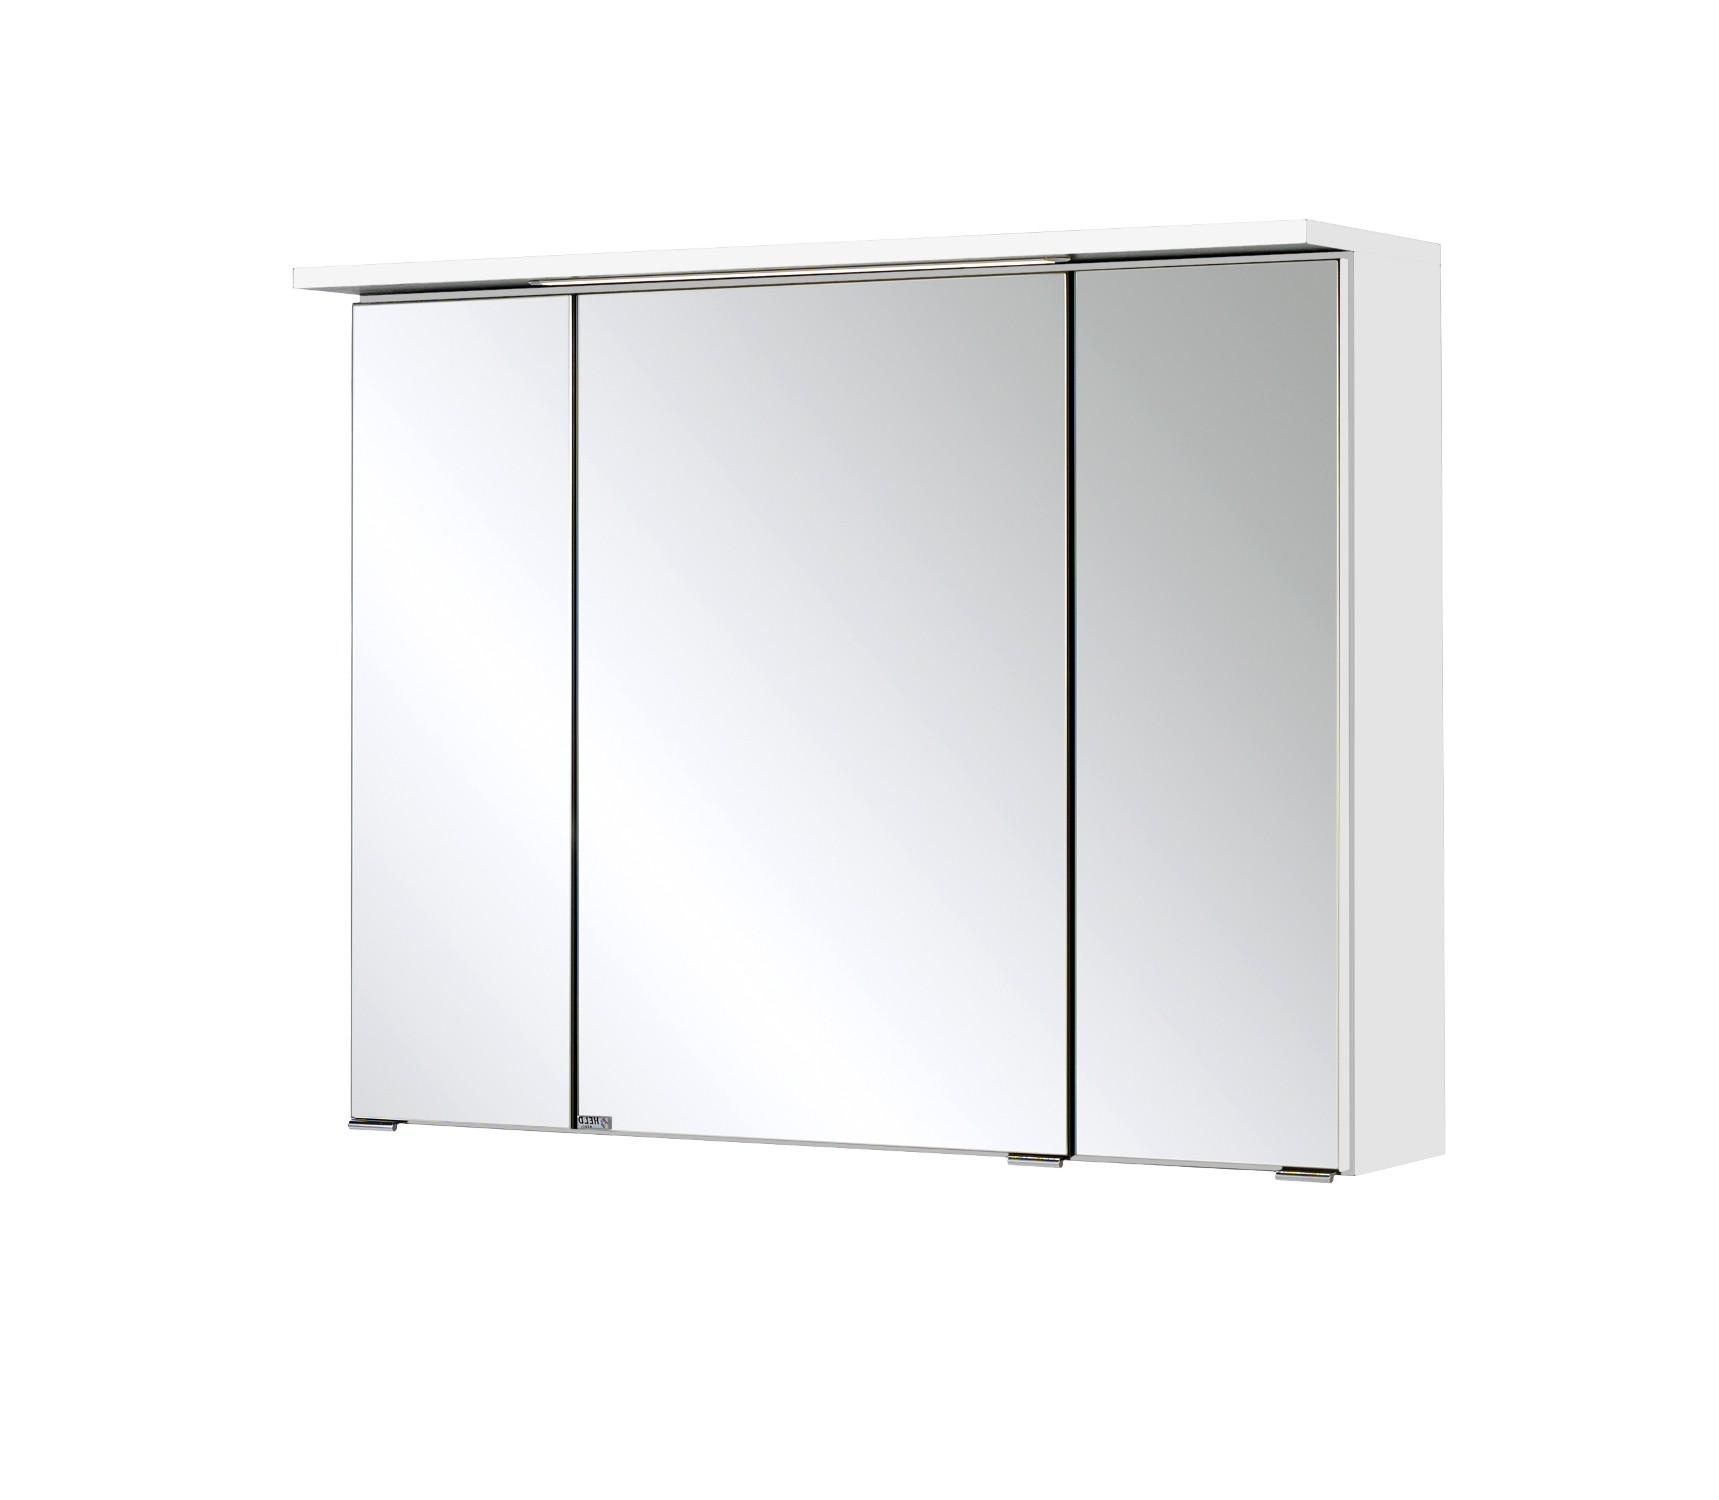 badezimmer-bologna-spiegelschrank-80-weiss-mit-led-d